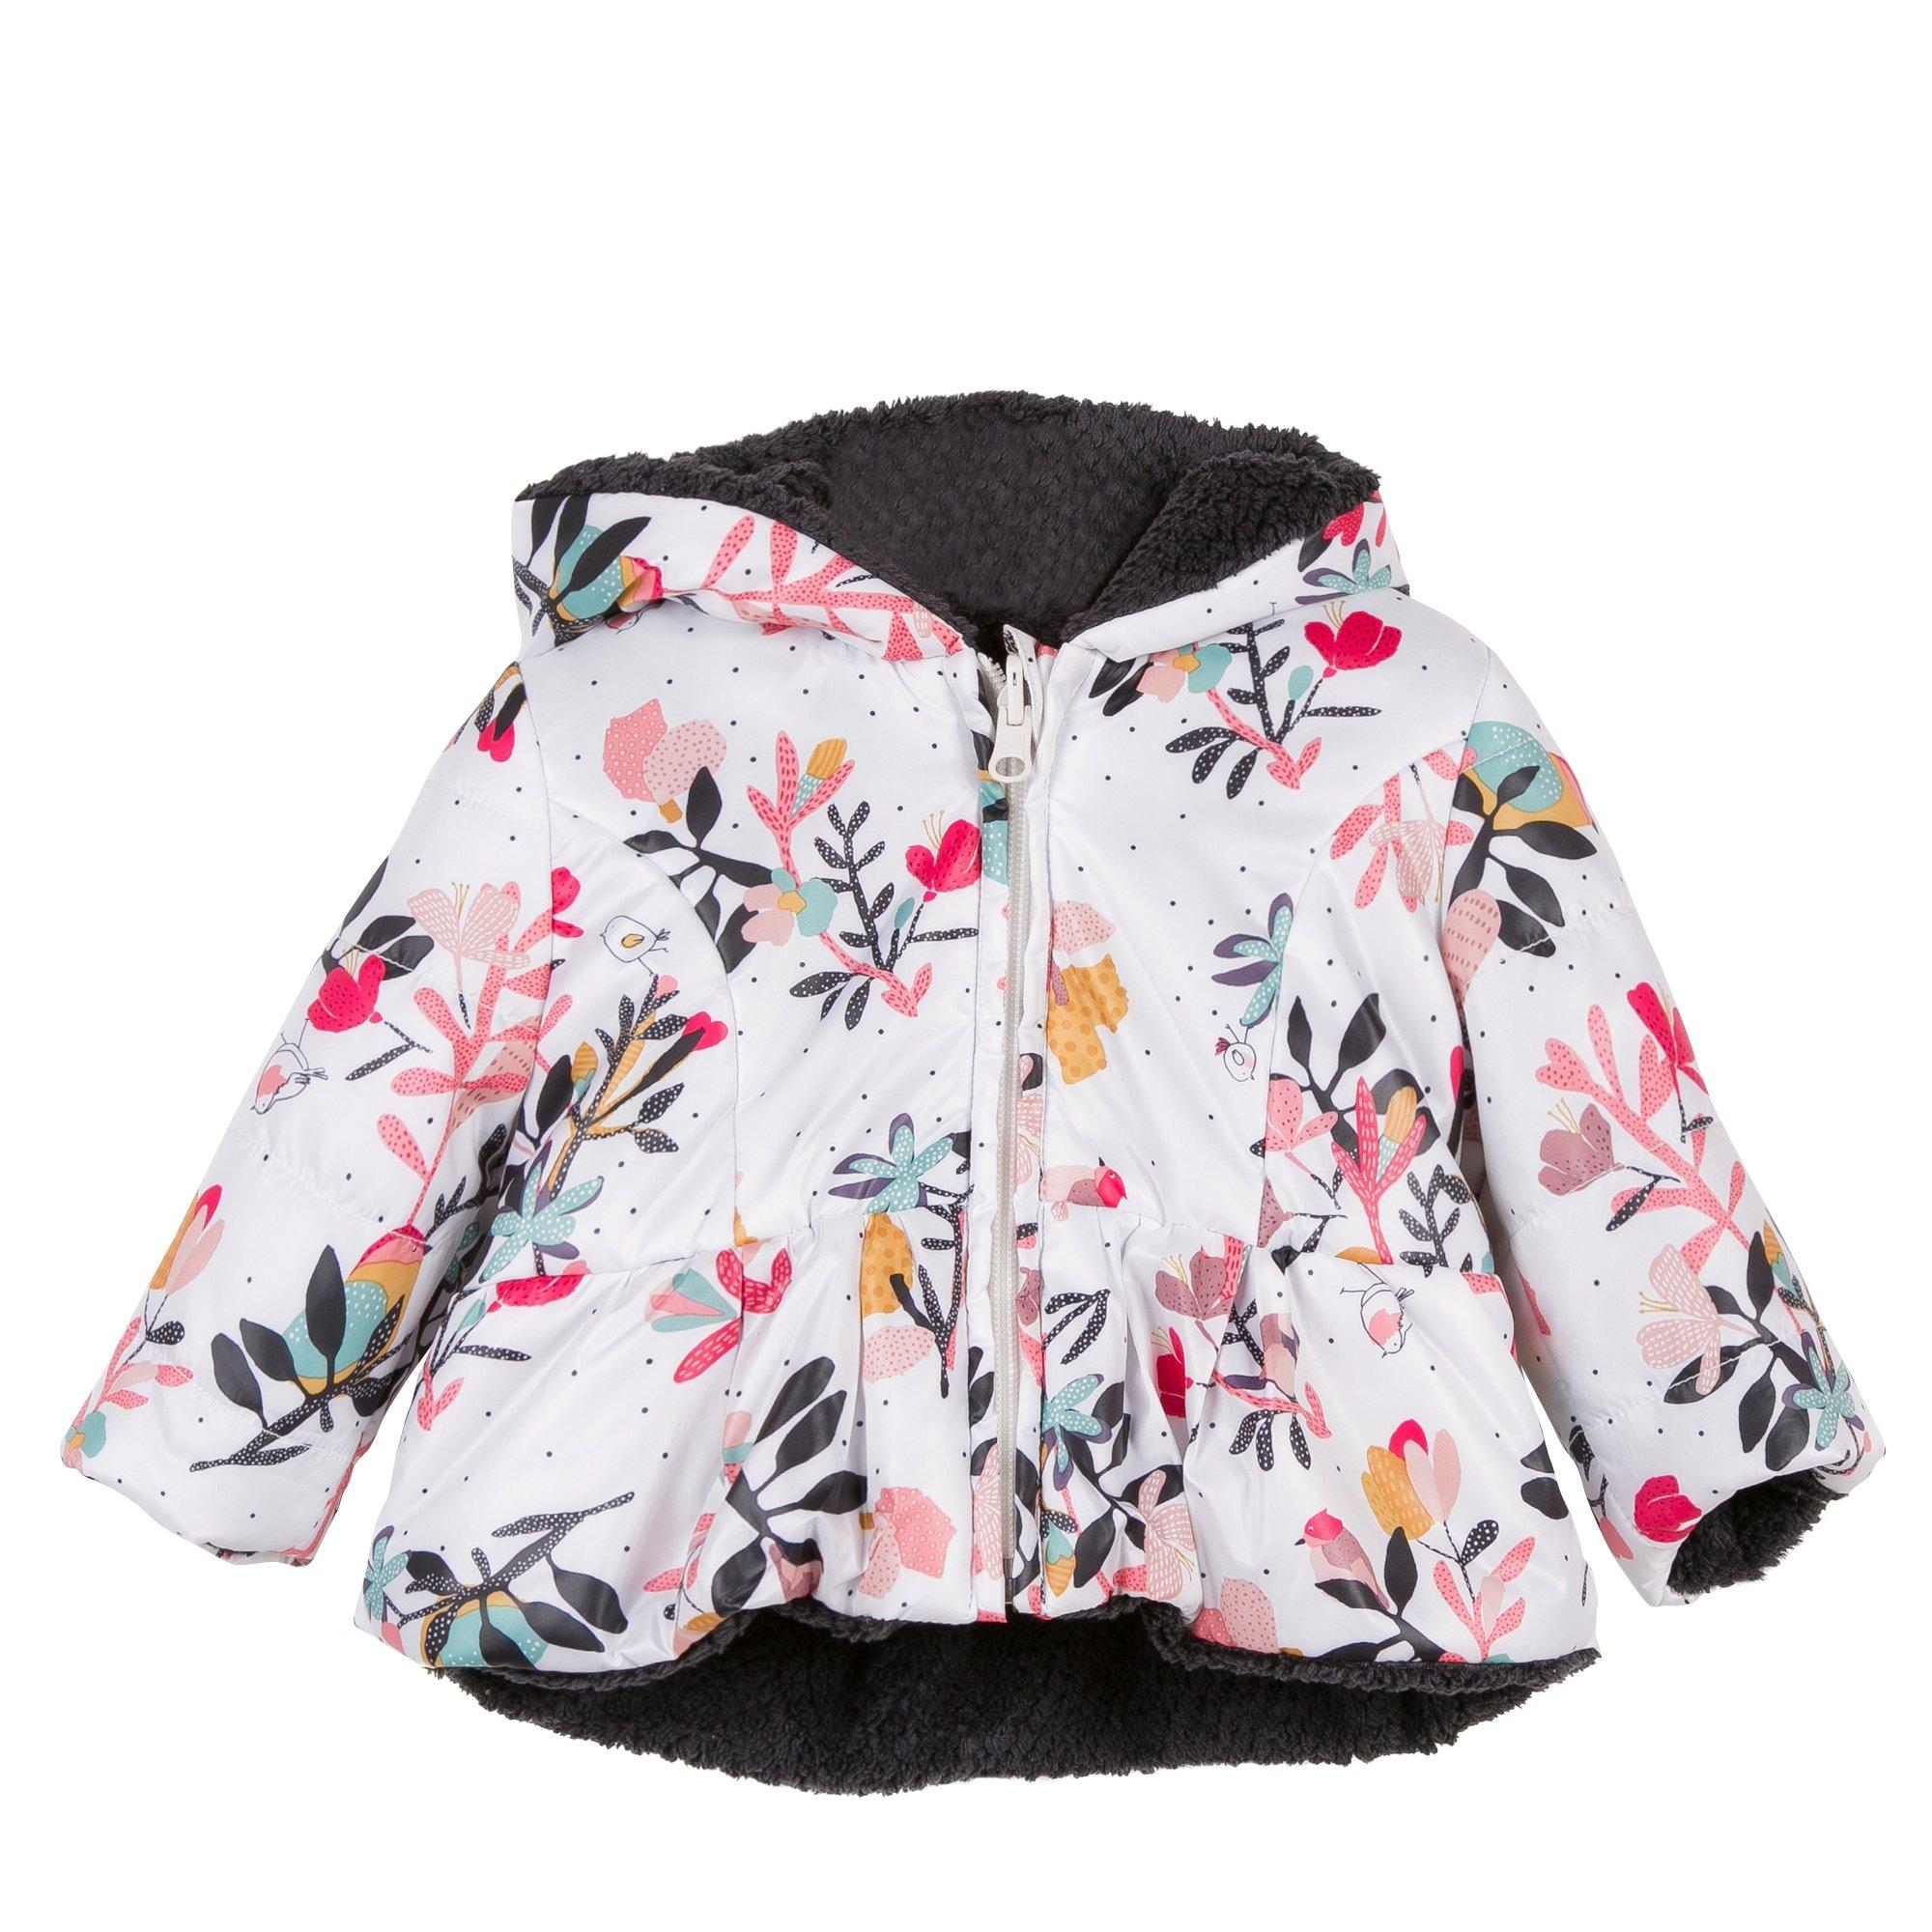 Catimini Floral & Charcoal Ma De Moi Zèle Reversible Jacket (2T)